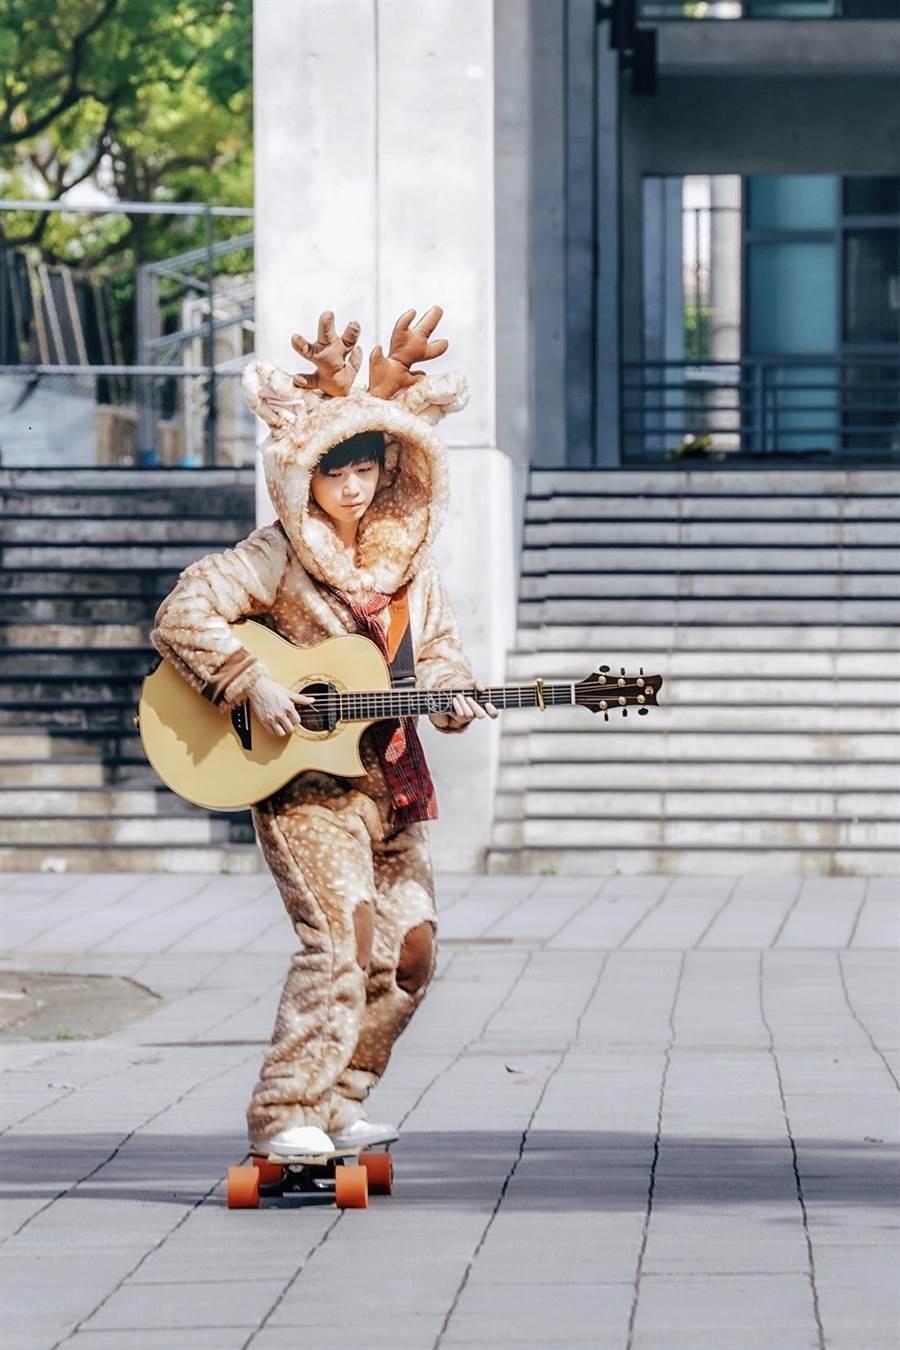 魏嘉瑩〈東東路〉MV挑戰穿麋鹿裝自彈自唱。(小魏工作室提供)